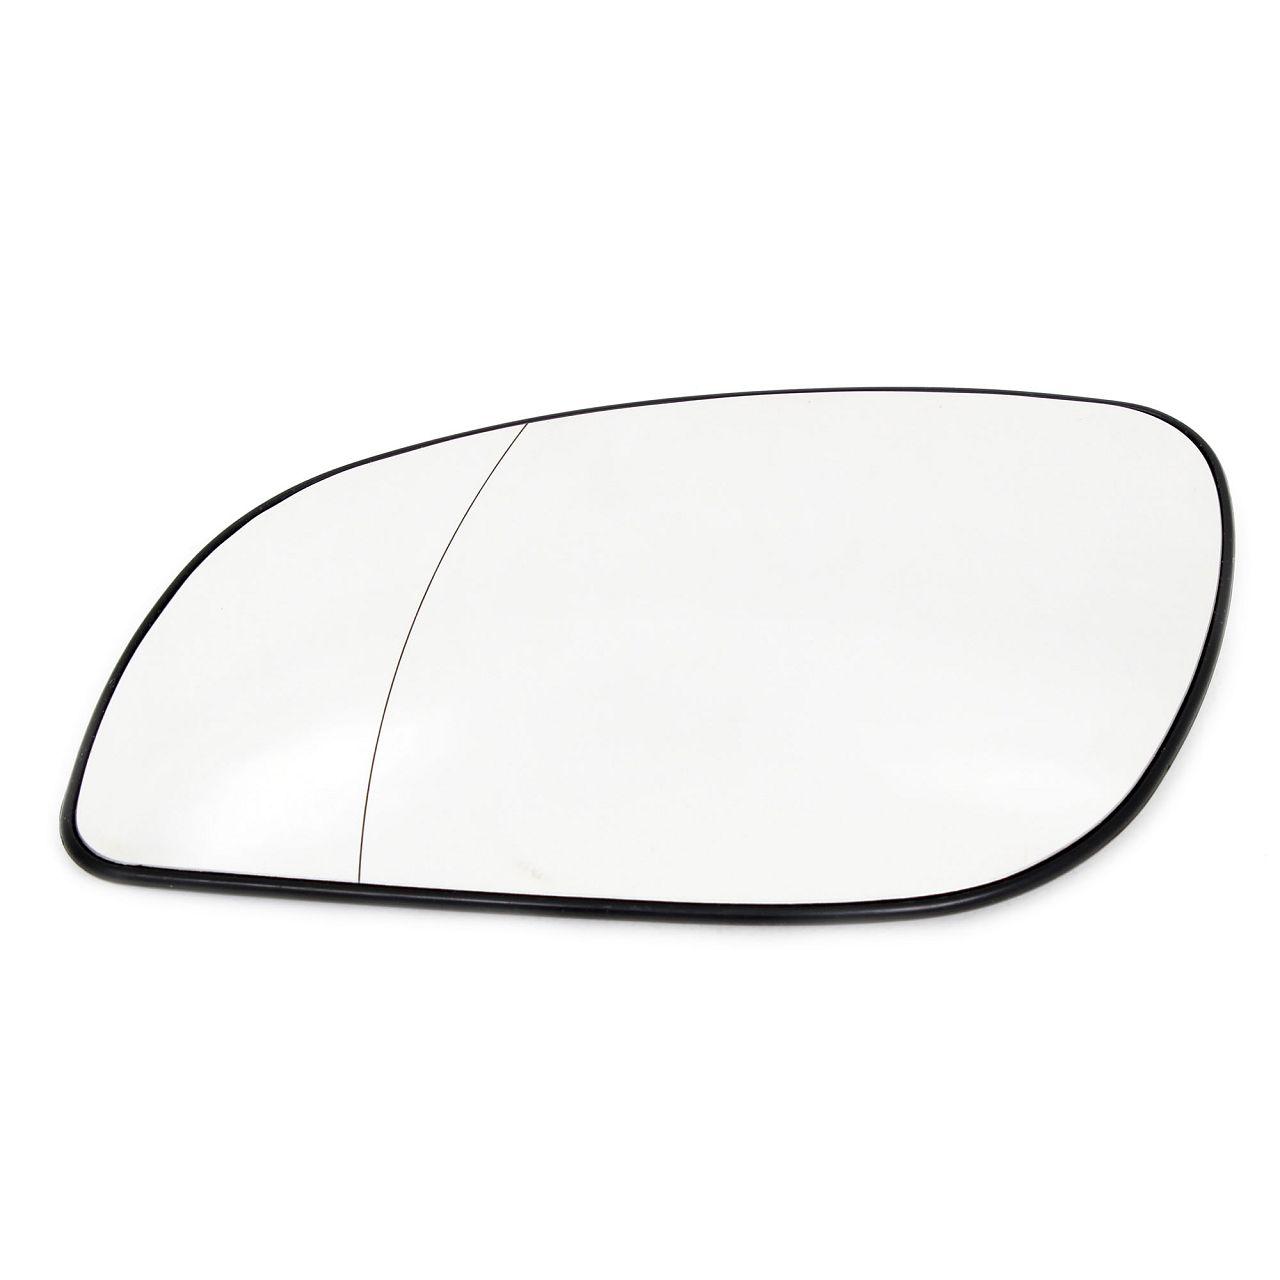 Außenspiegel Spiegelglas ELEKTRISCH für OPEL Signum Vectra C links 24438120